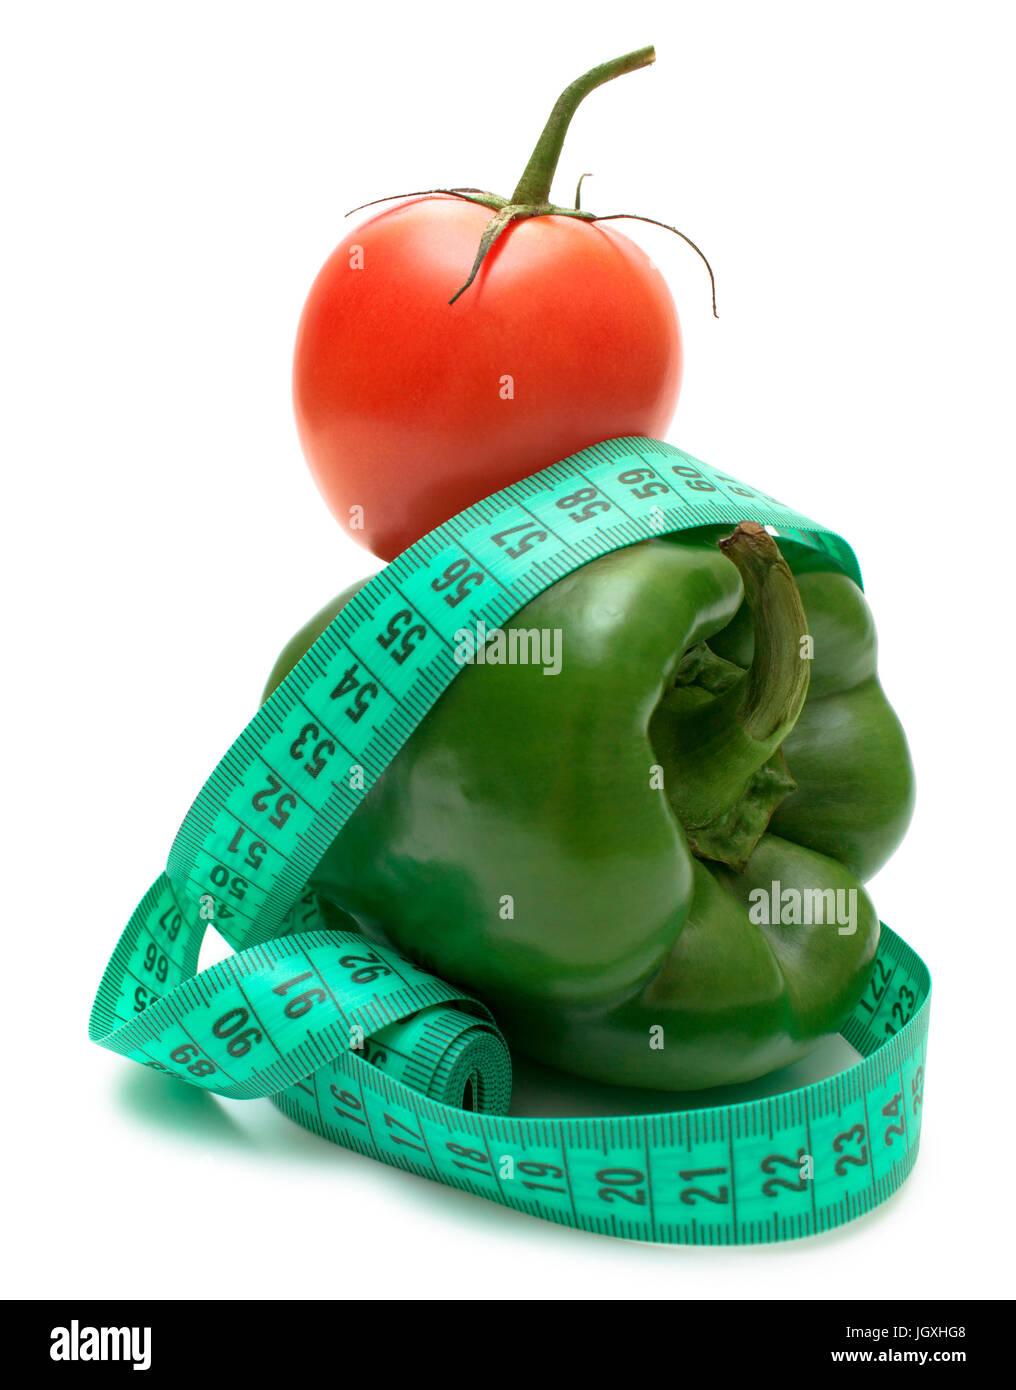 Régime idéal paire de poivrons verts (bulgare) et la tomate isolé sur blanc. Photo Stock